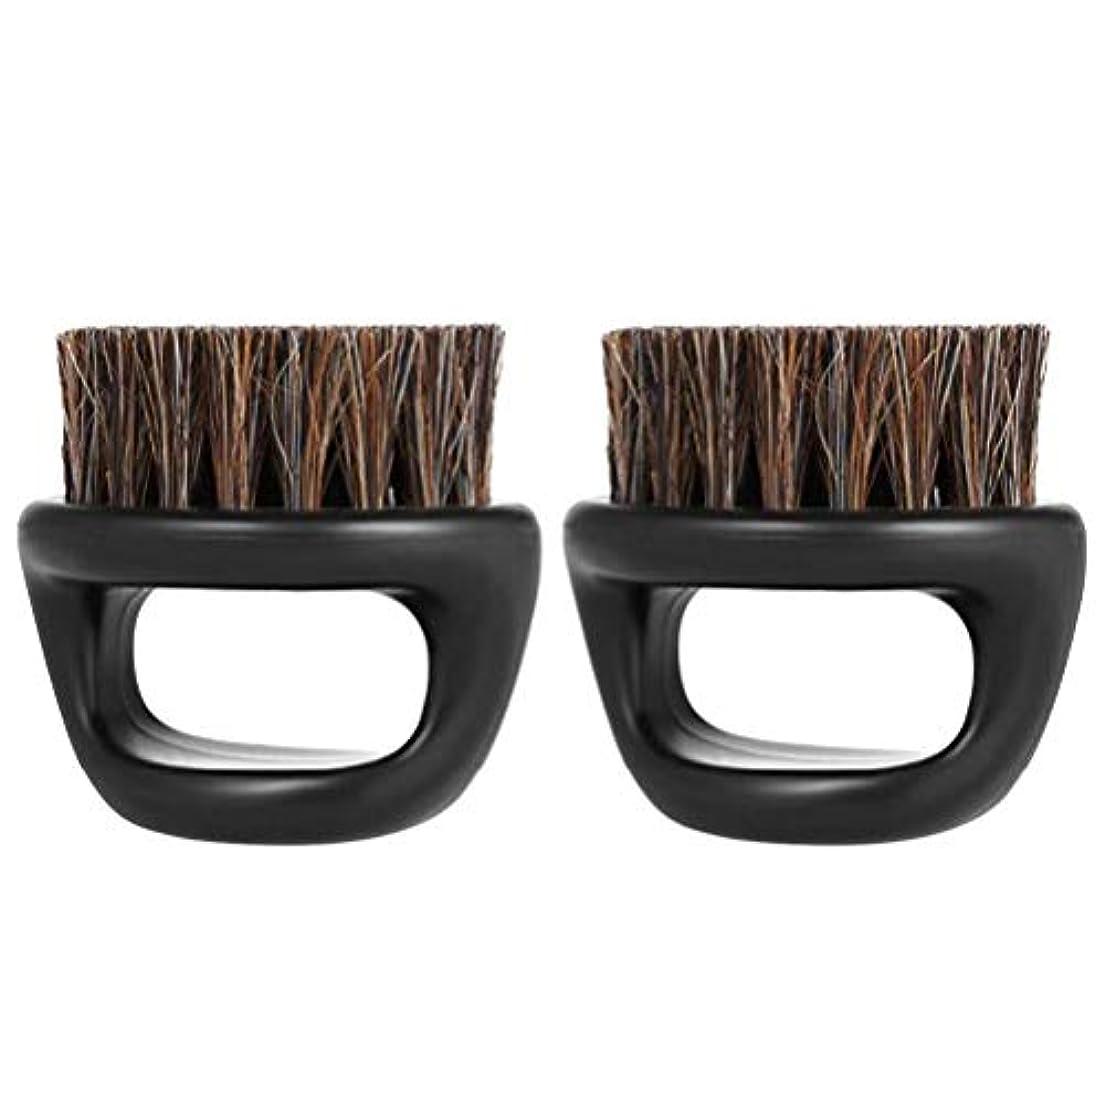 アミューズ生き残り品種Lurrose イノシシ剛毛ひげブラシハンドルひげブラシポータブルプラスチックメンズショートシェービング(ブラック)2PCS